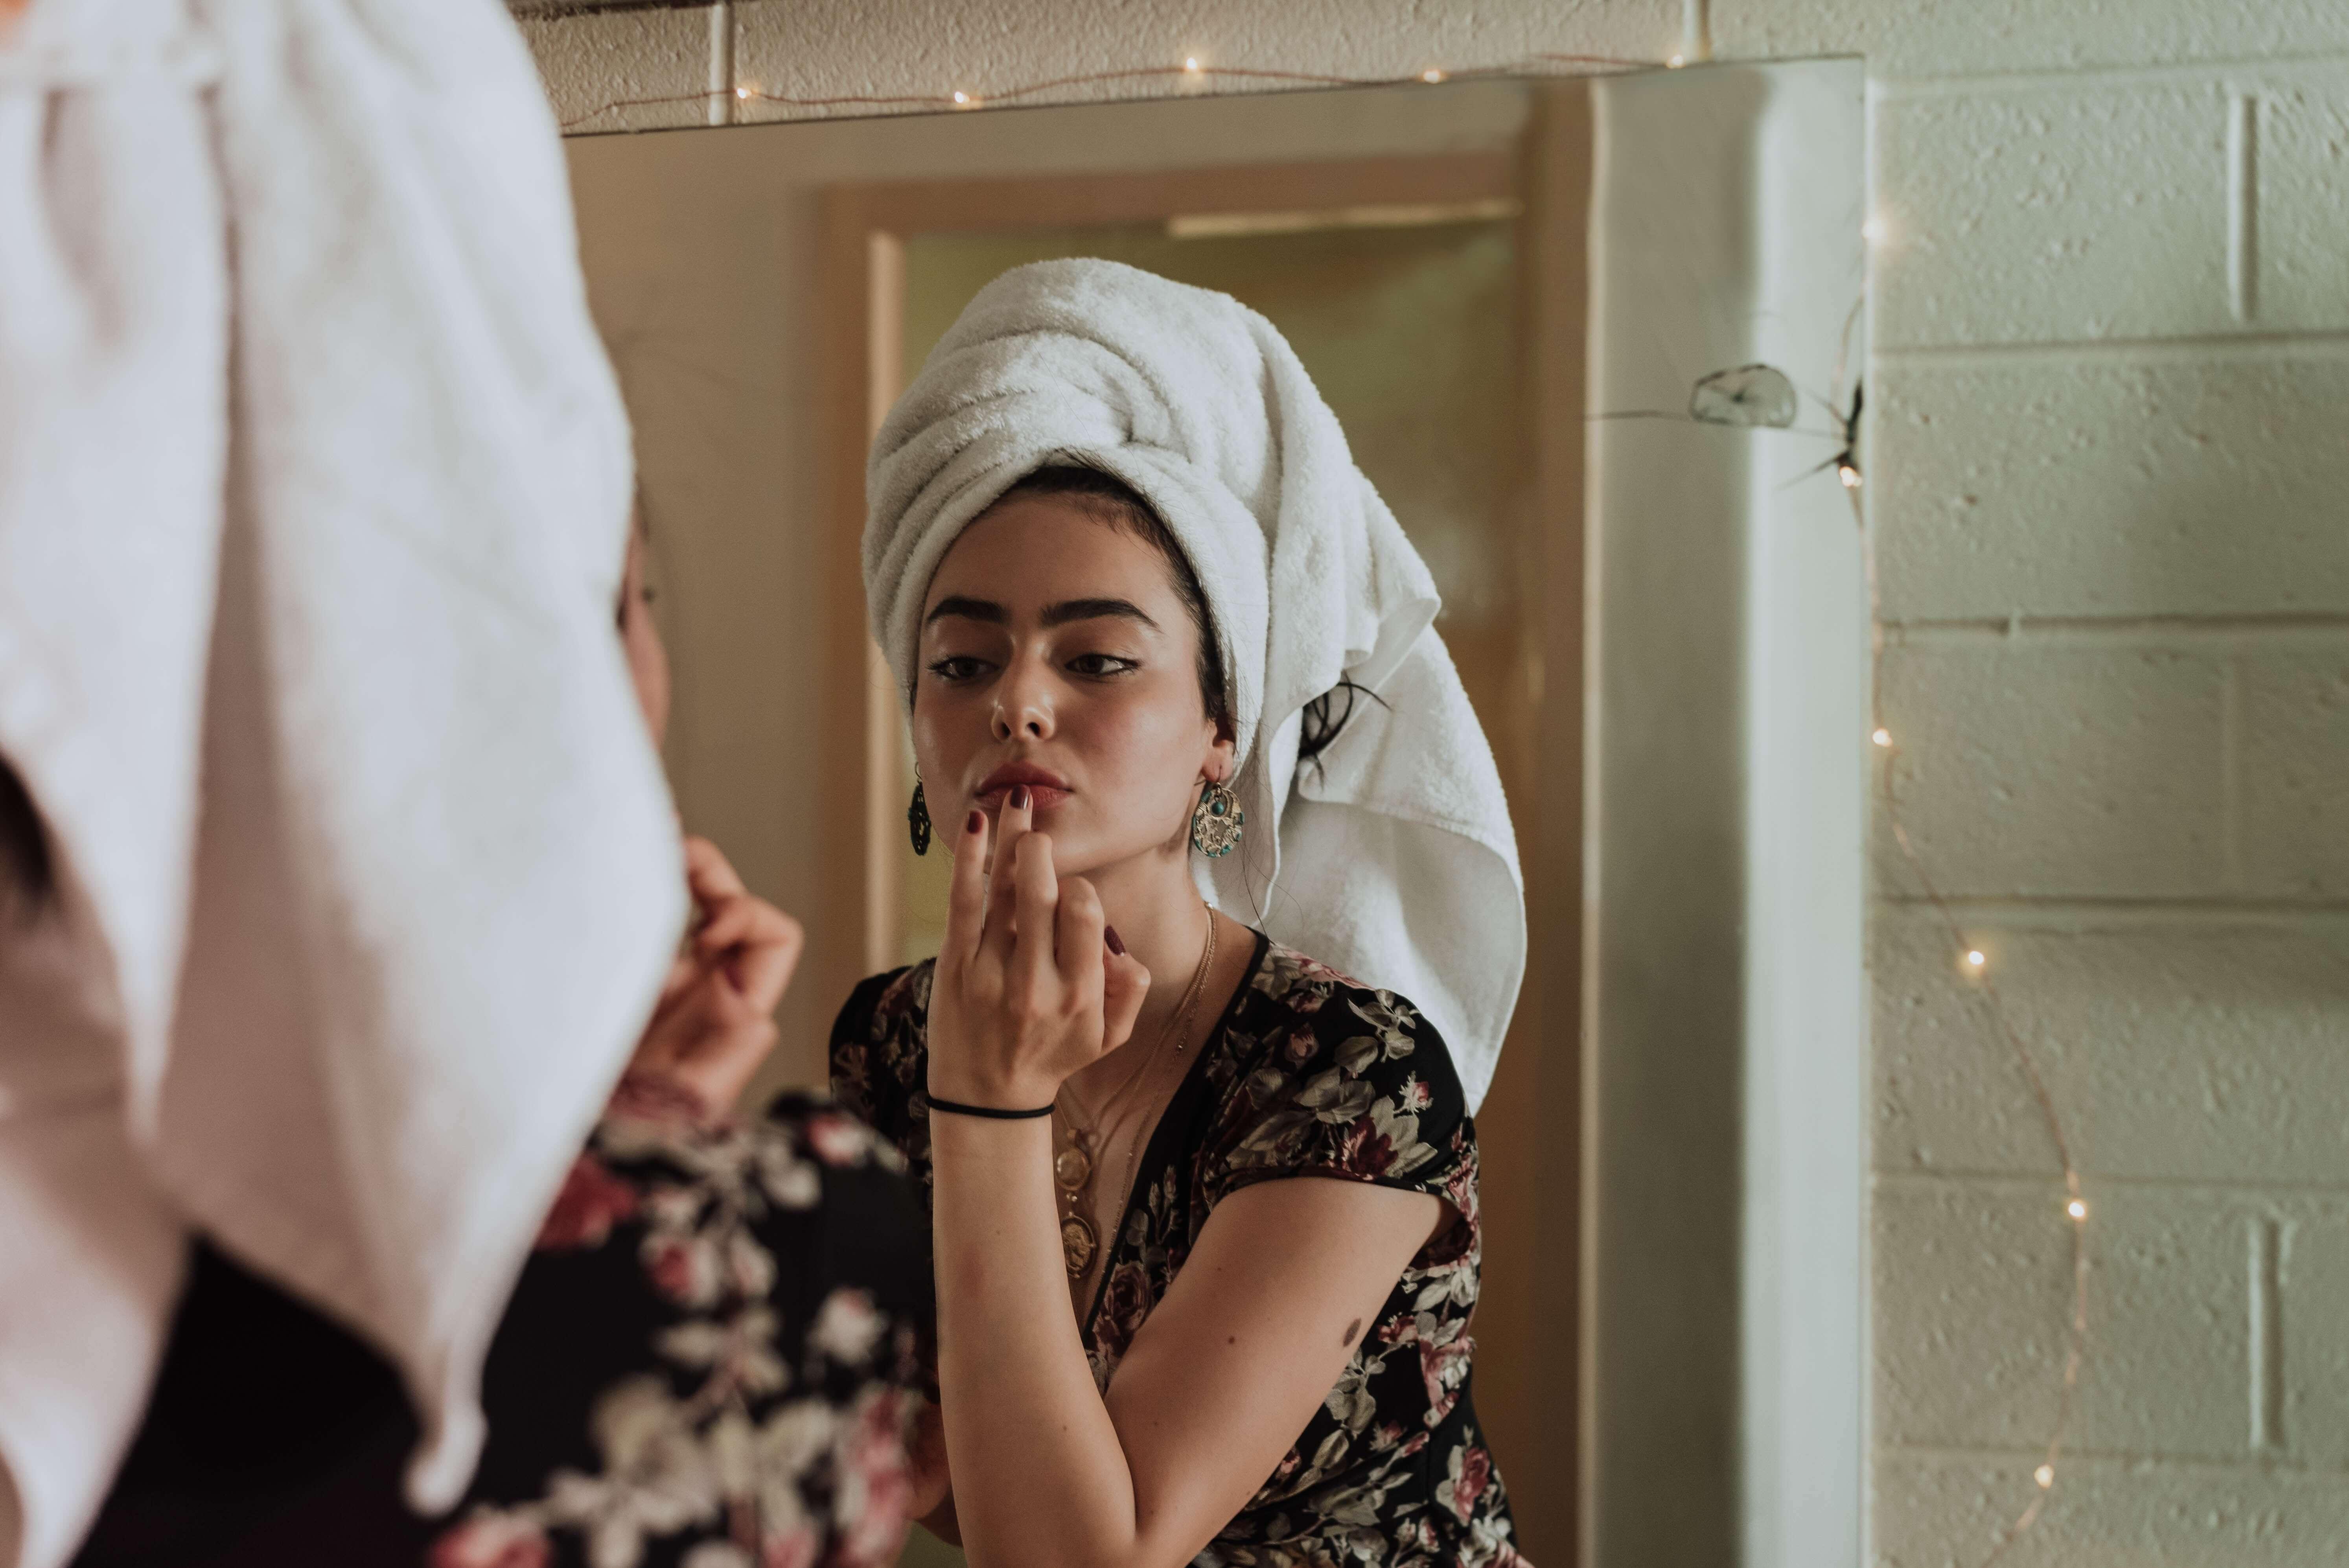 femme qui se maquille devant un miroir